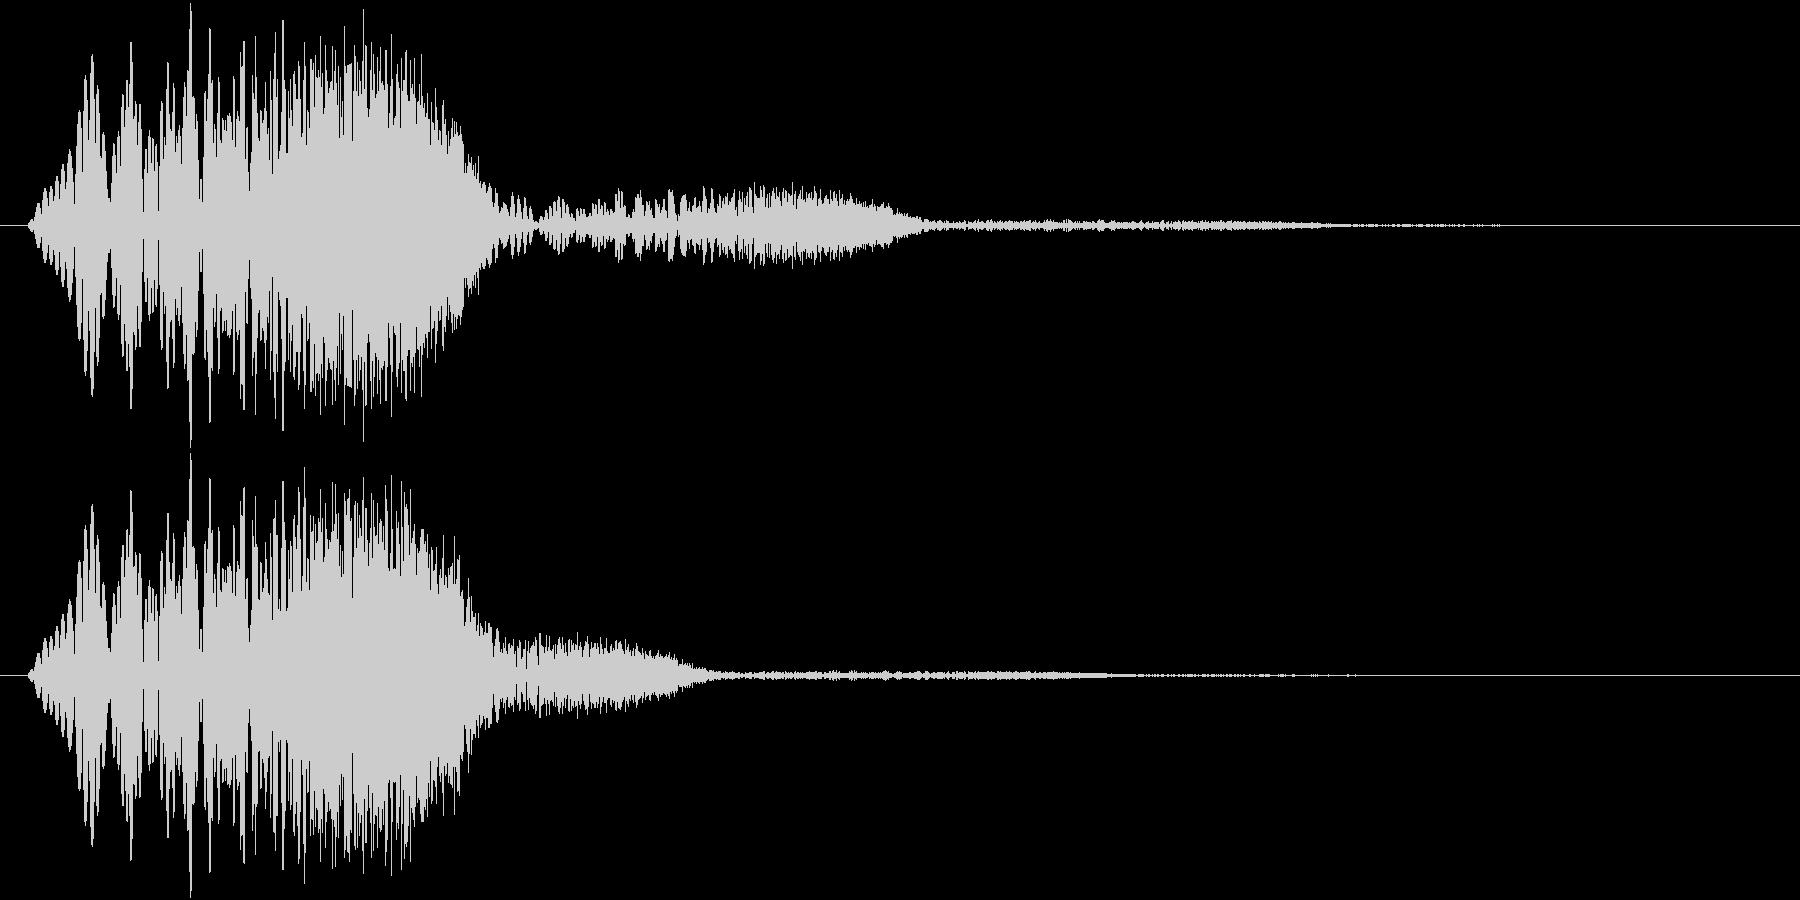 パワーアップ・レベルアップ(ギュイン)の未再生の波形